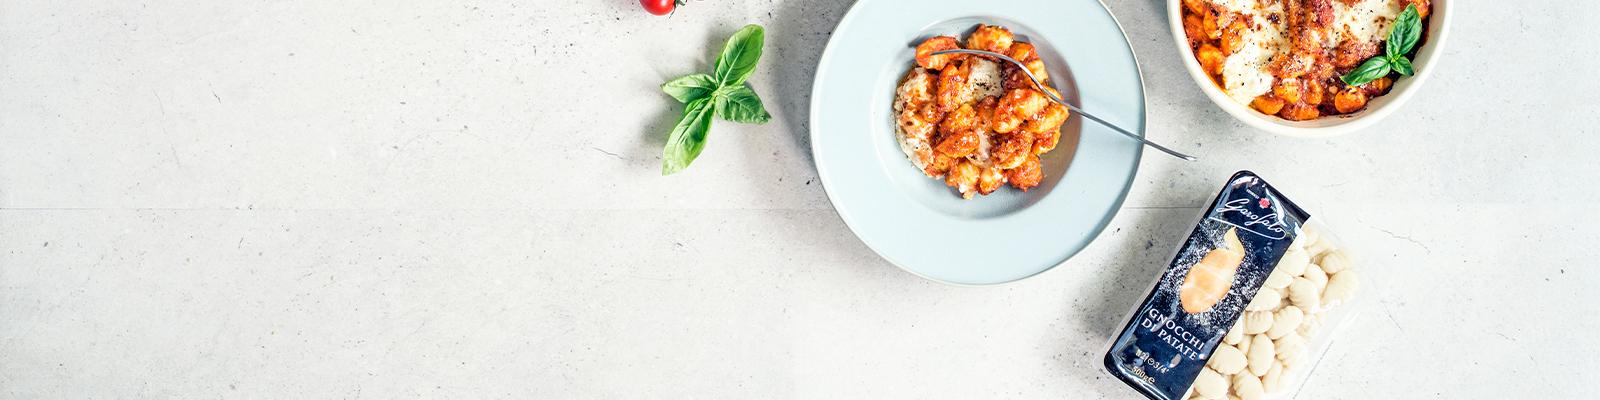 Pasta Garofalo - Gnocchi and Chicche